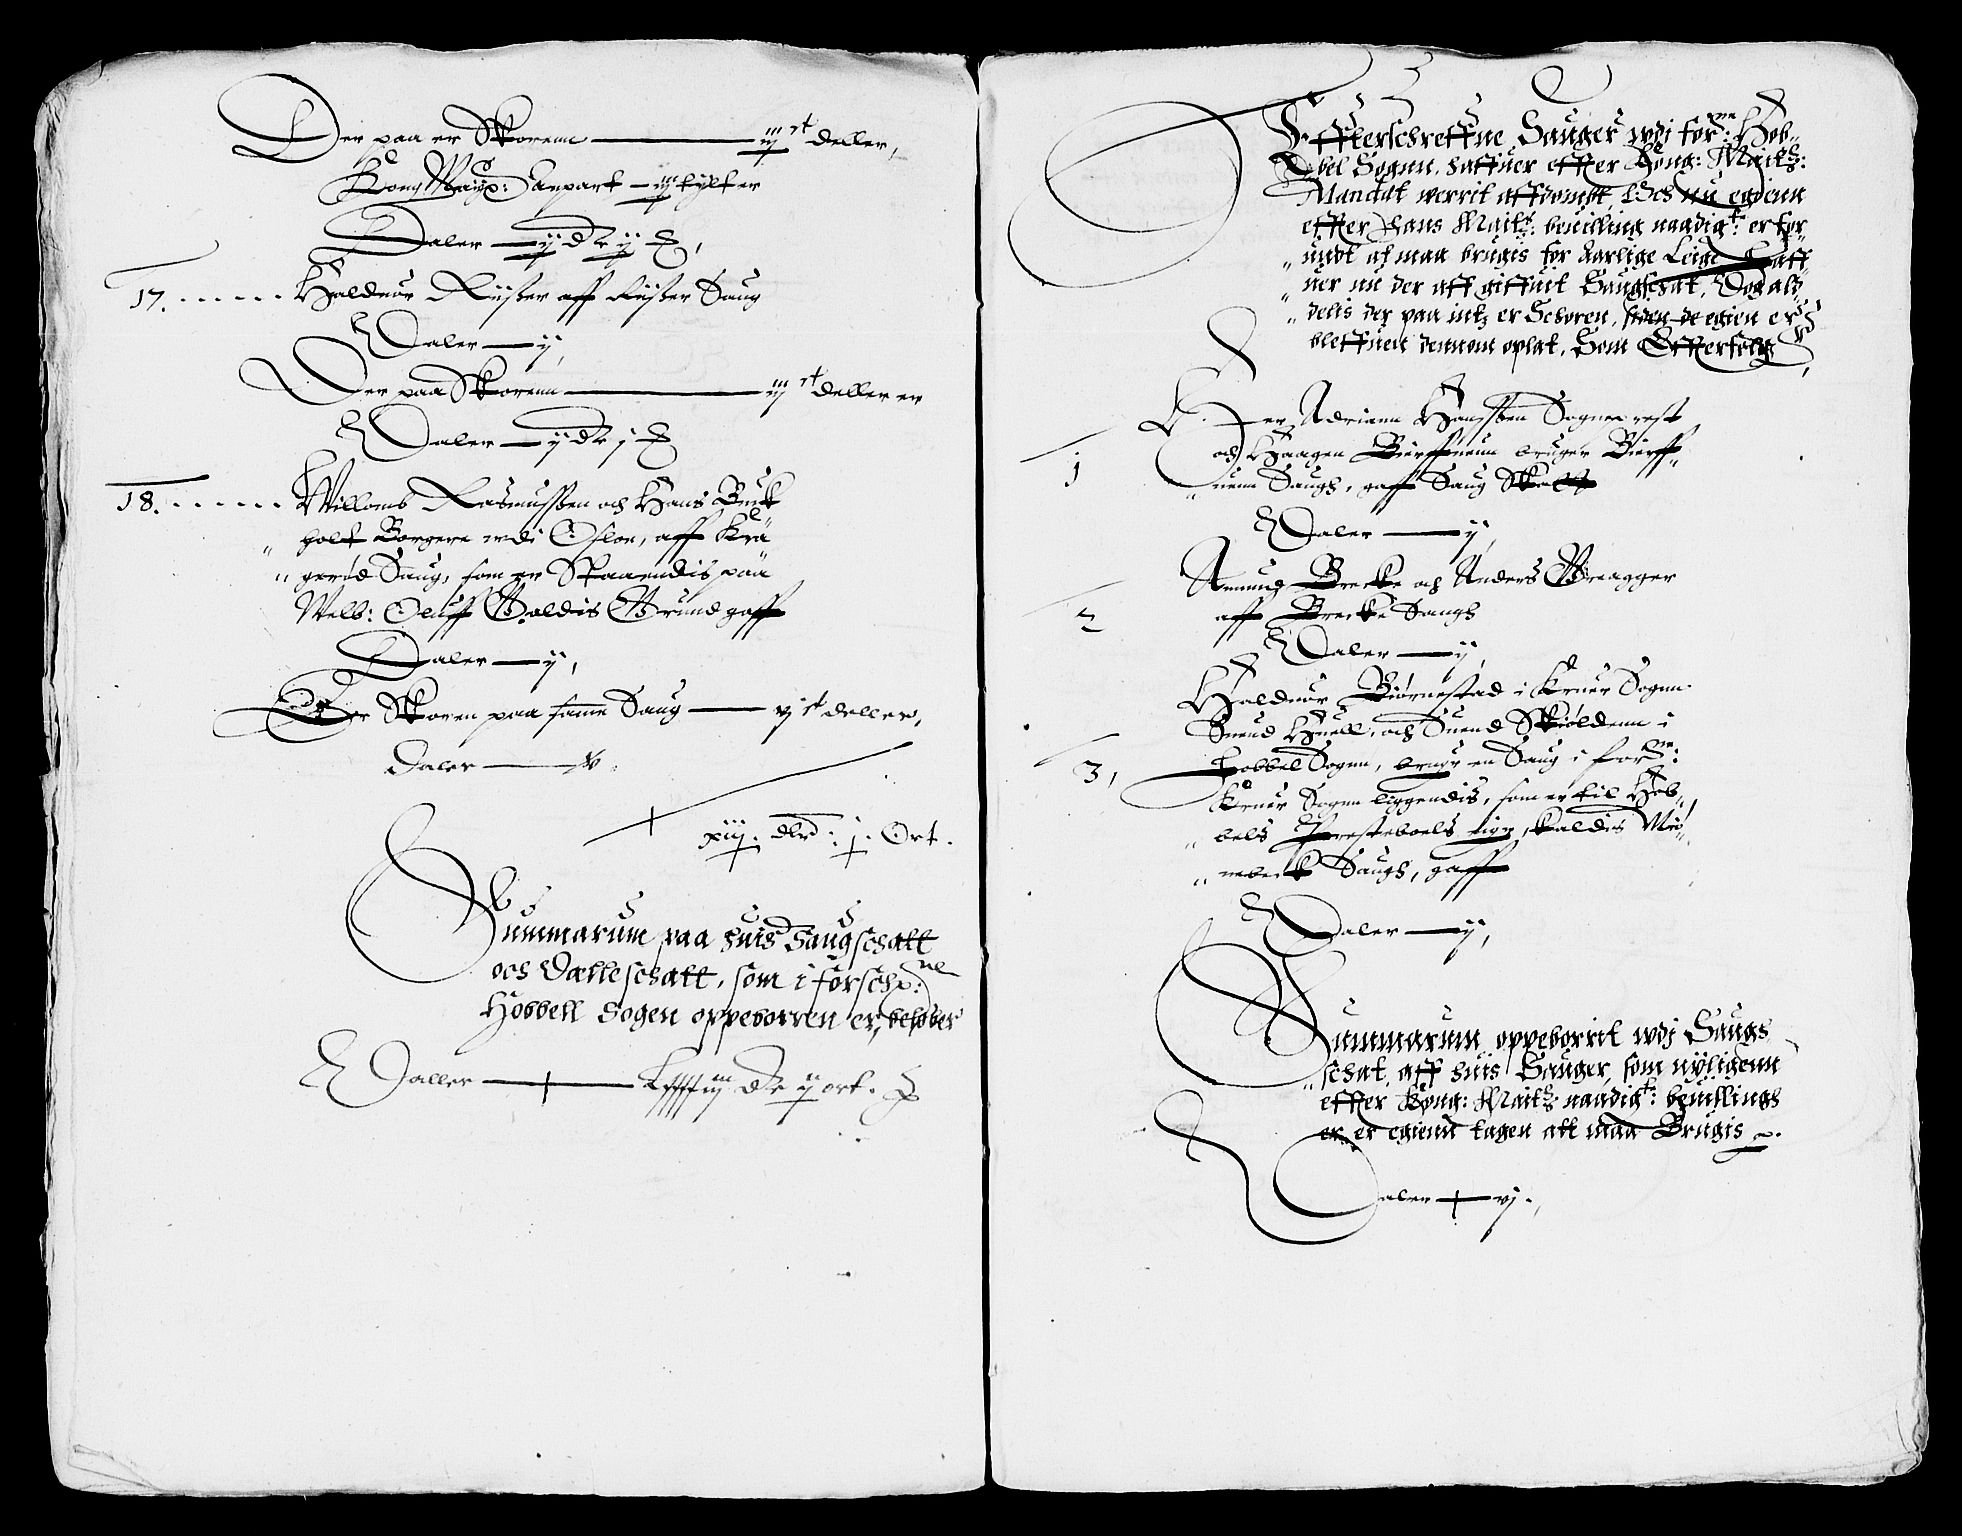 RA, Rentekammeret inntil 1814, Reviderte regnskaper, Lensregnskaper, R/Rb/Rba/L0049: Akershus len, 1618-1619